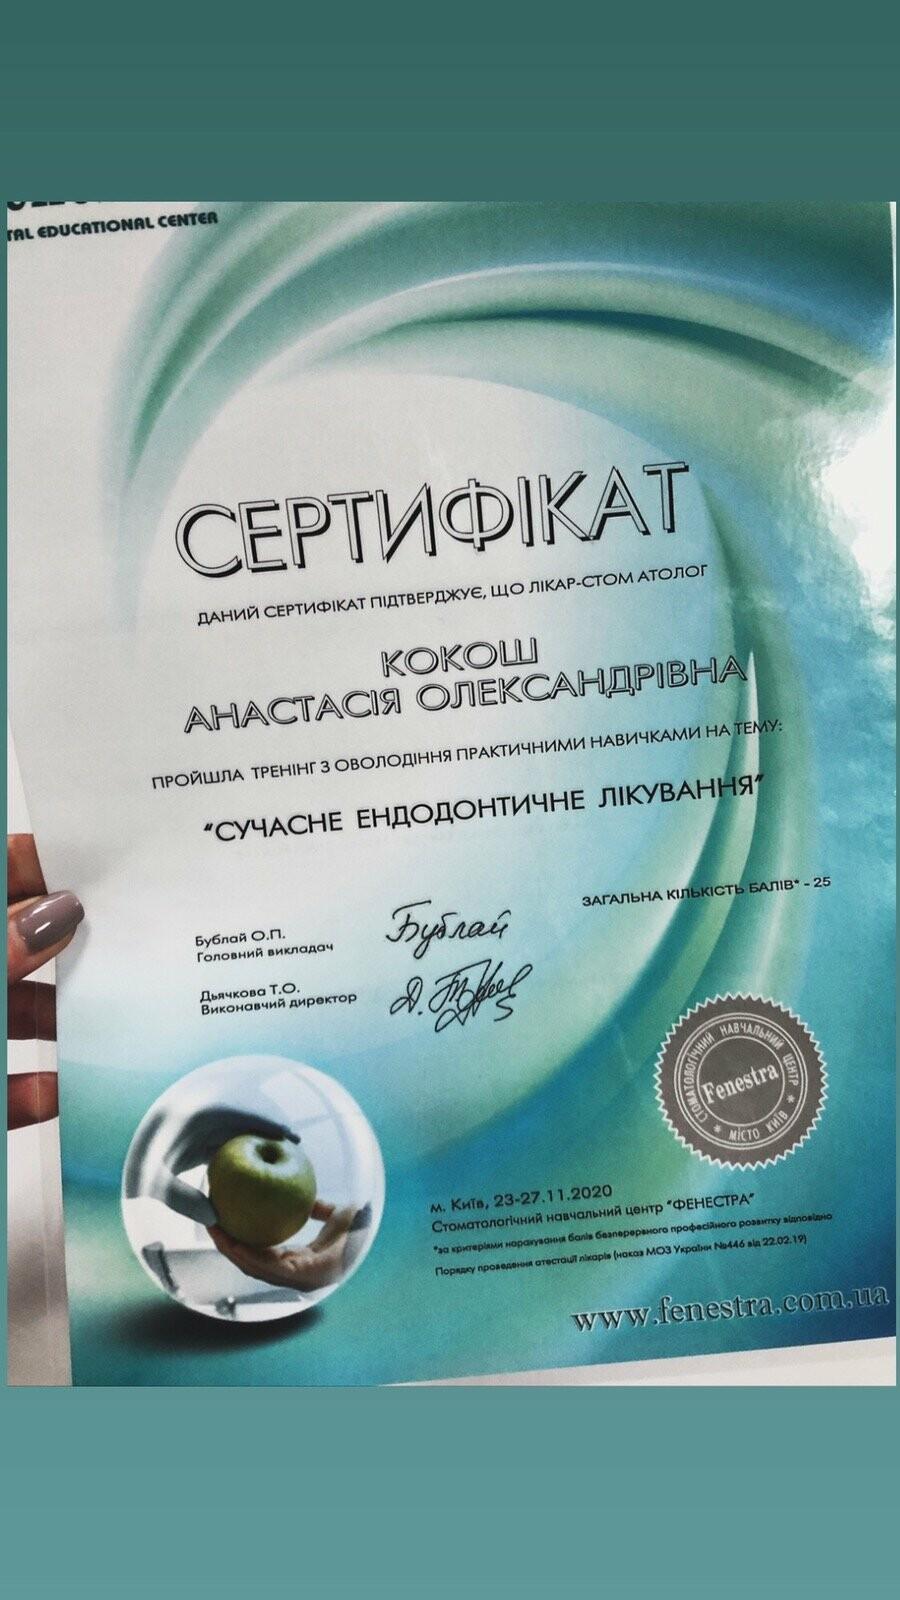 Сертифікати Анастасії Кокош